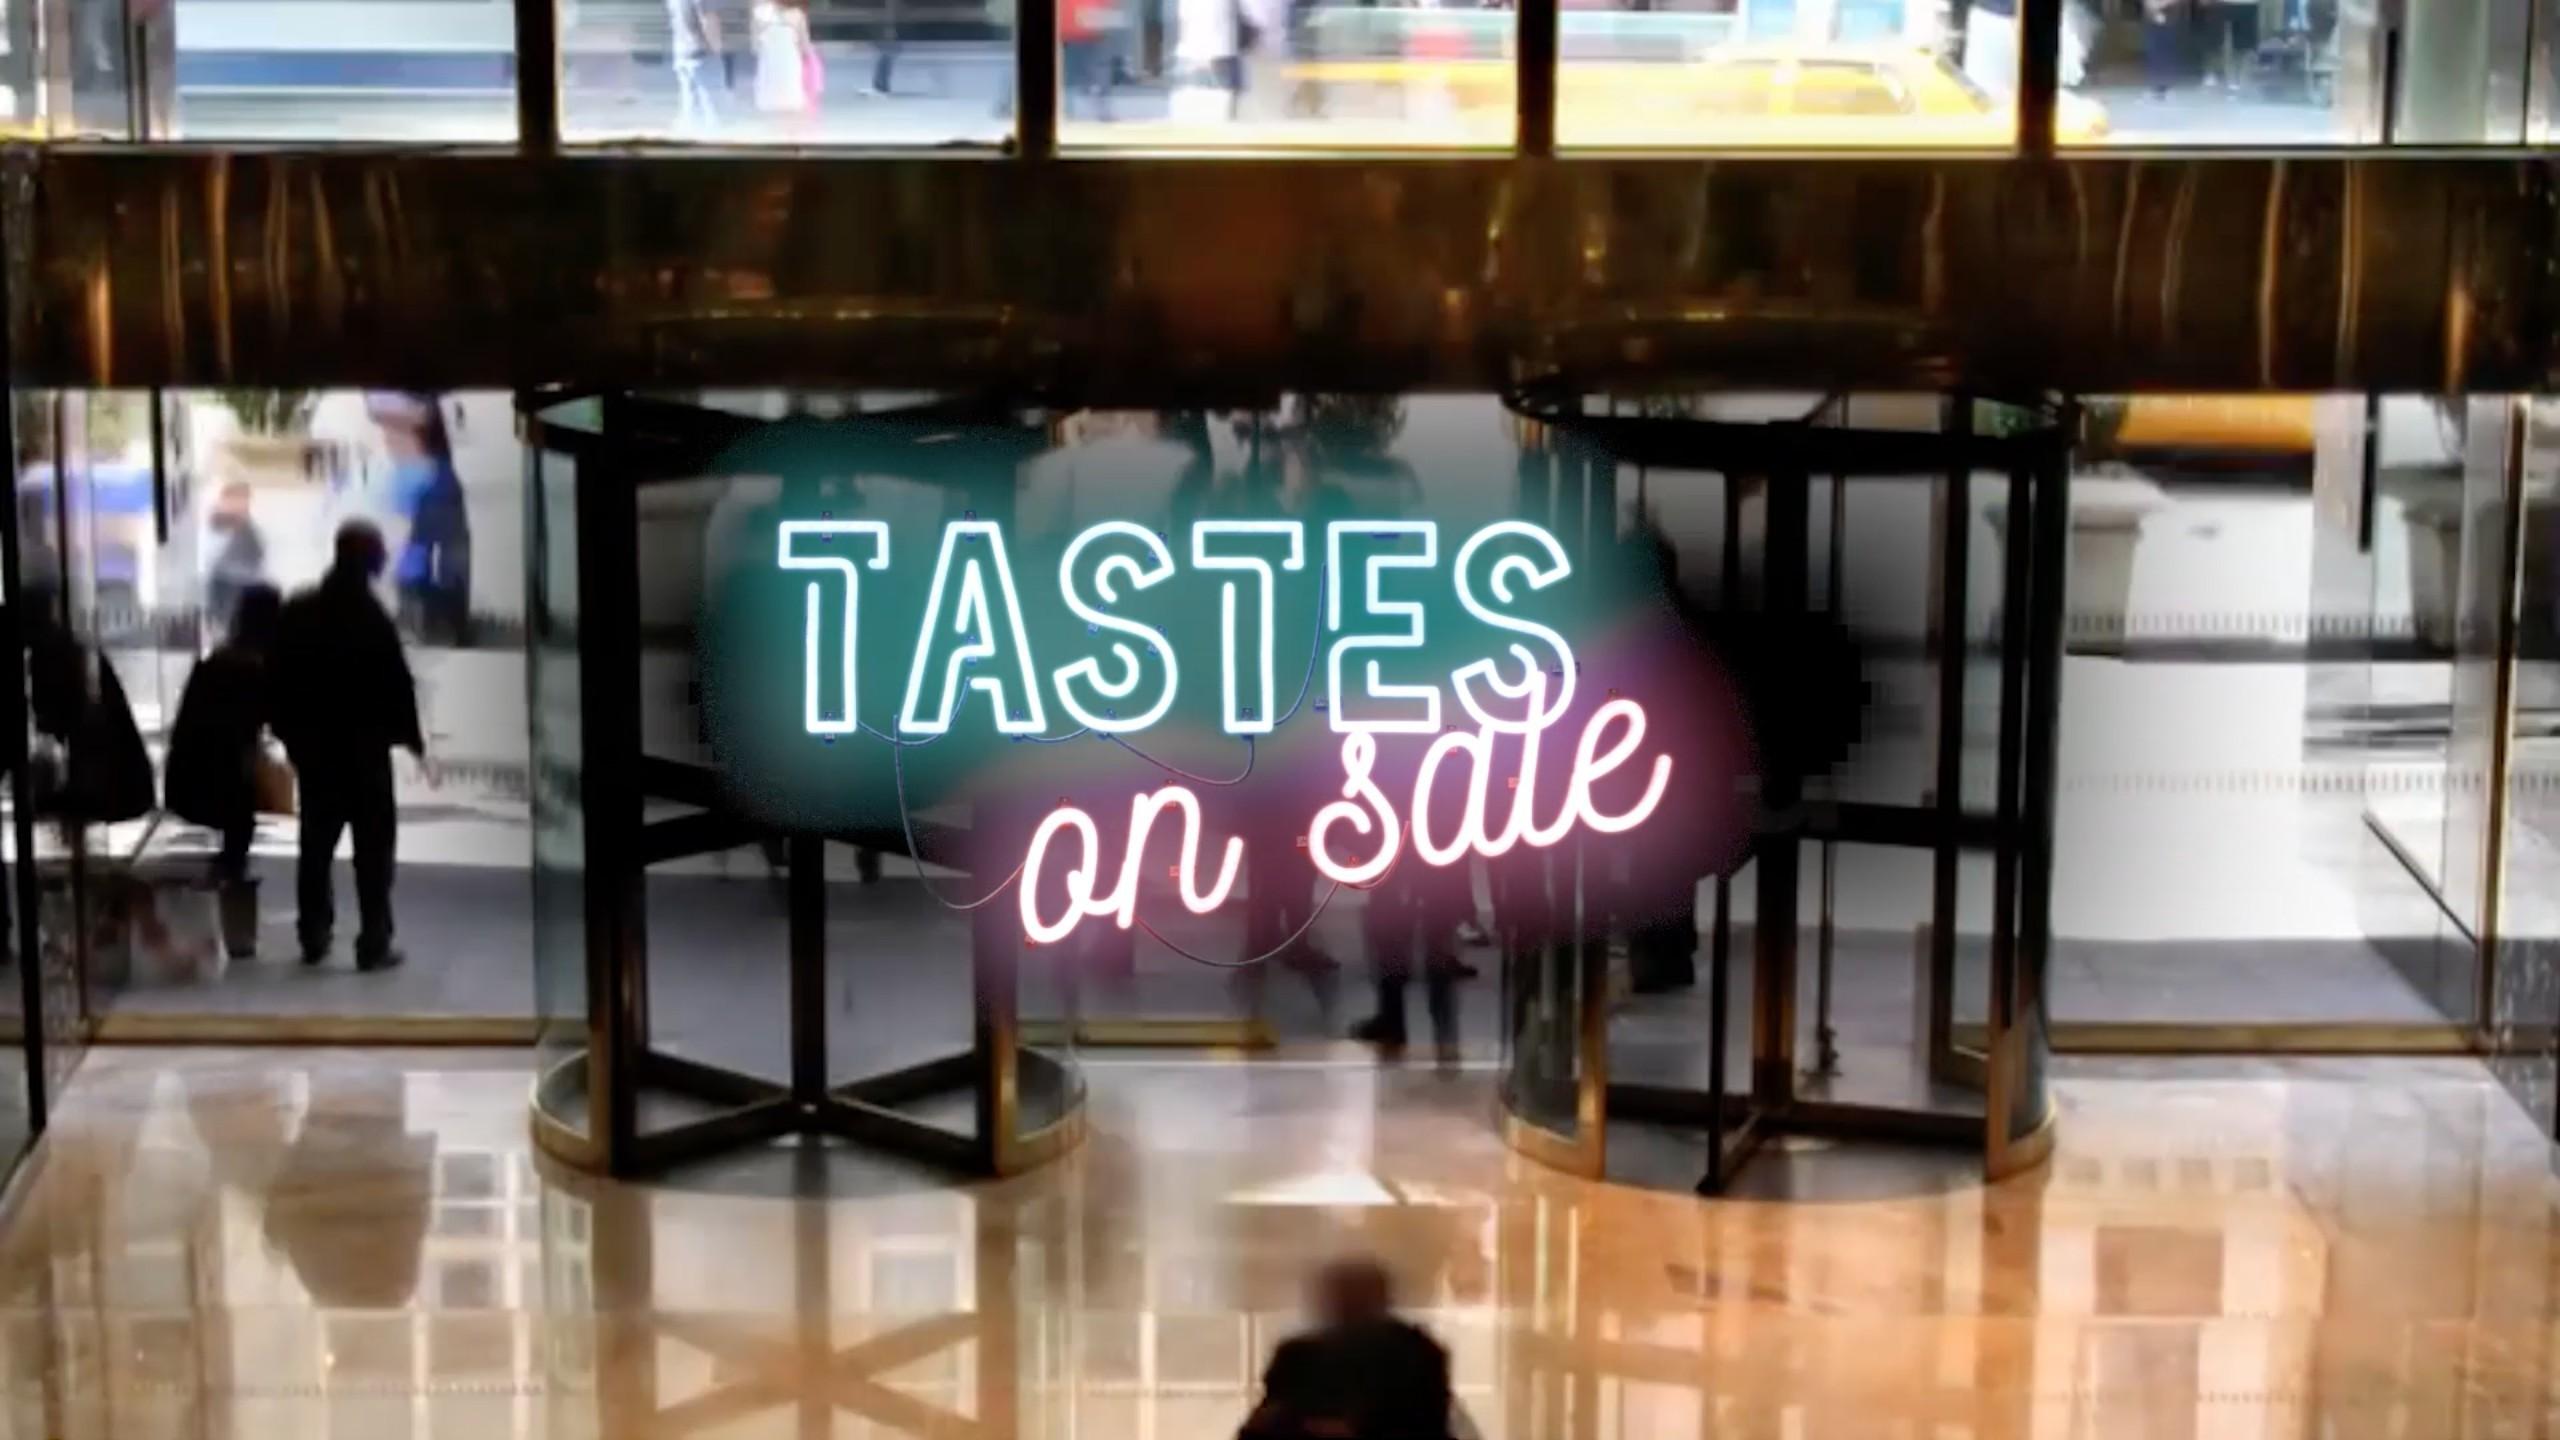 Tastes on sales